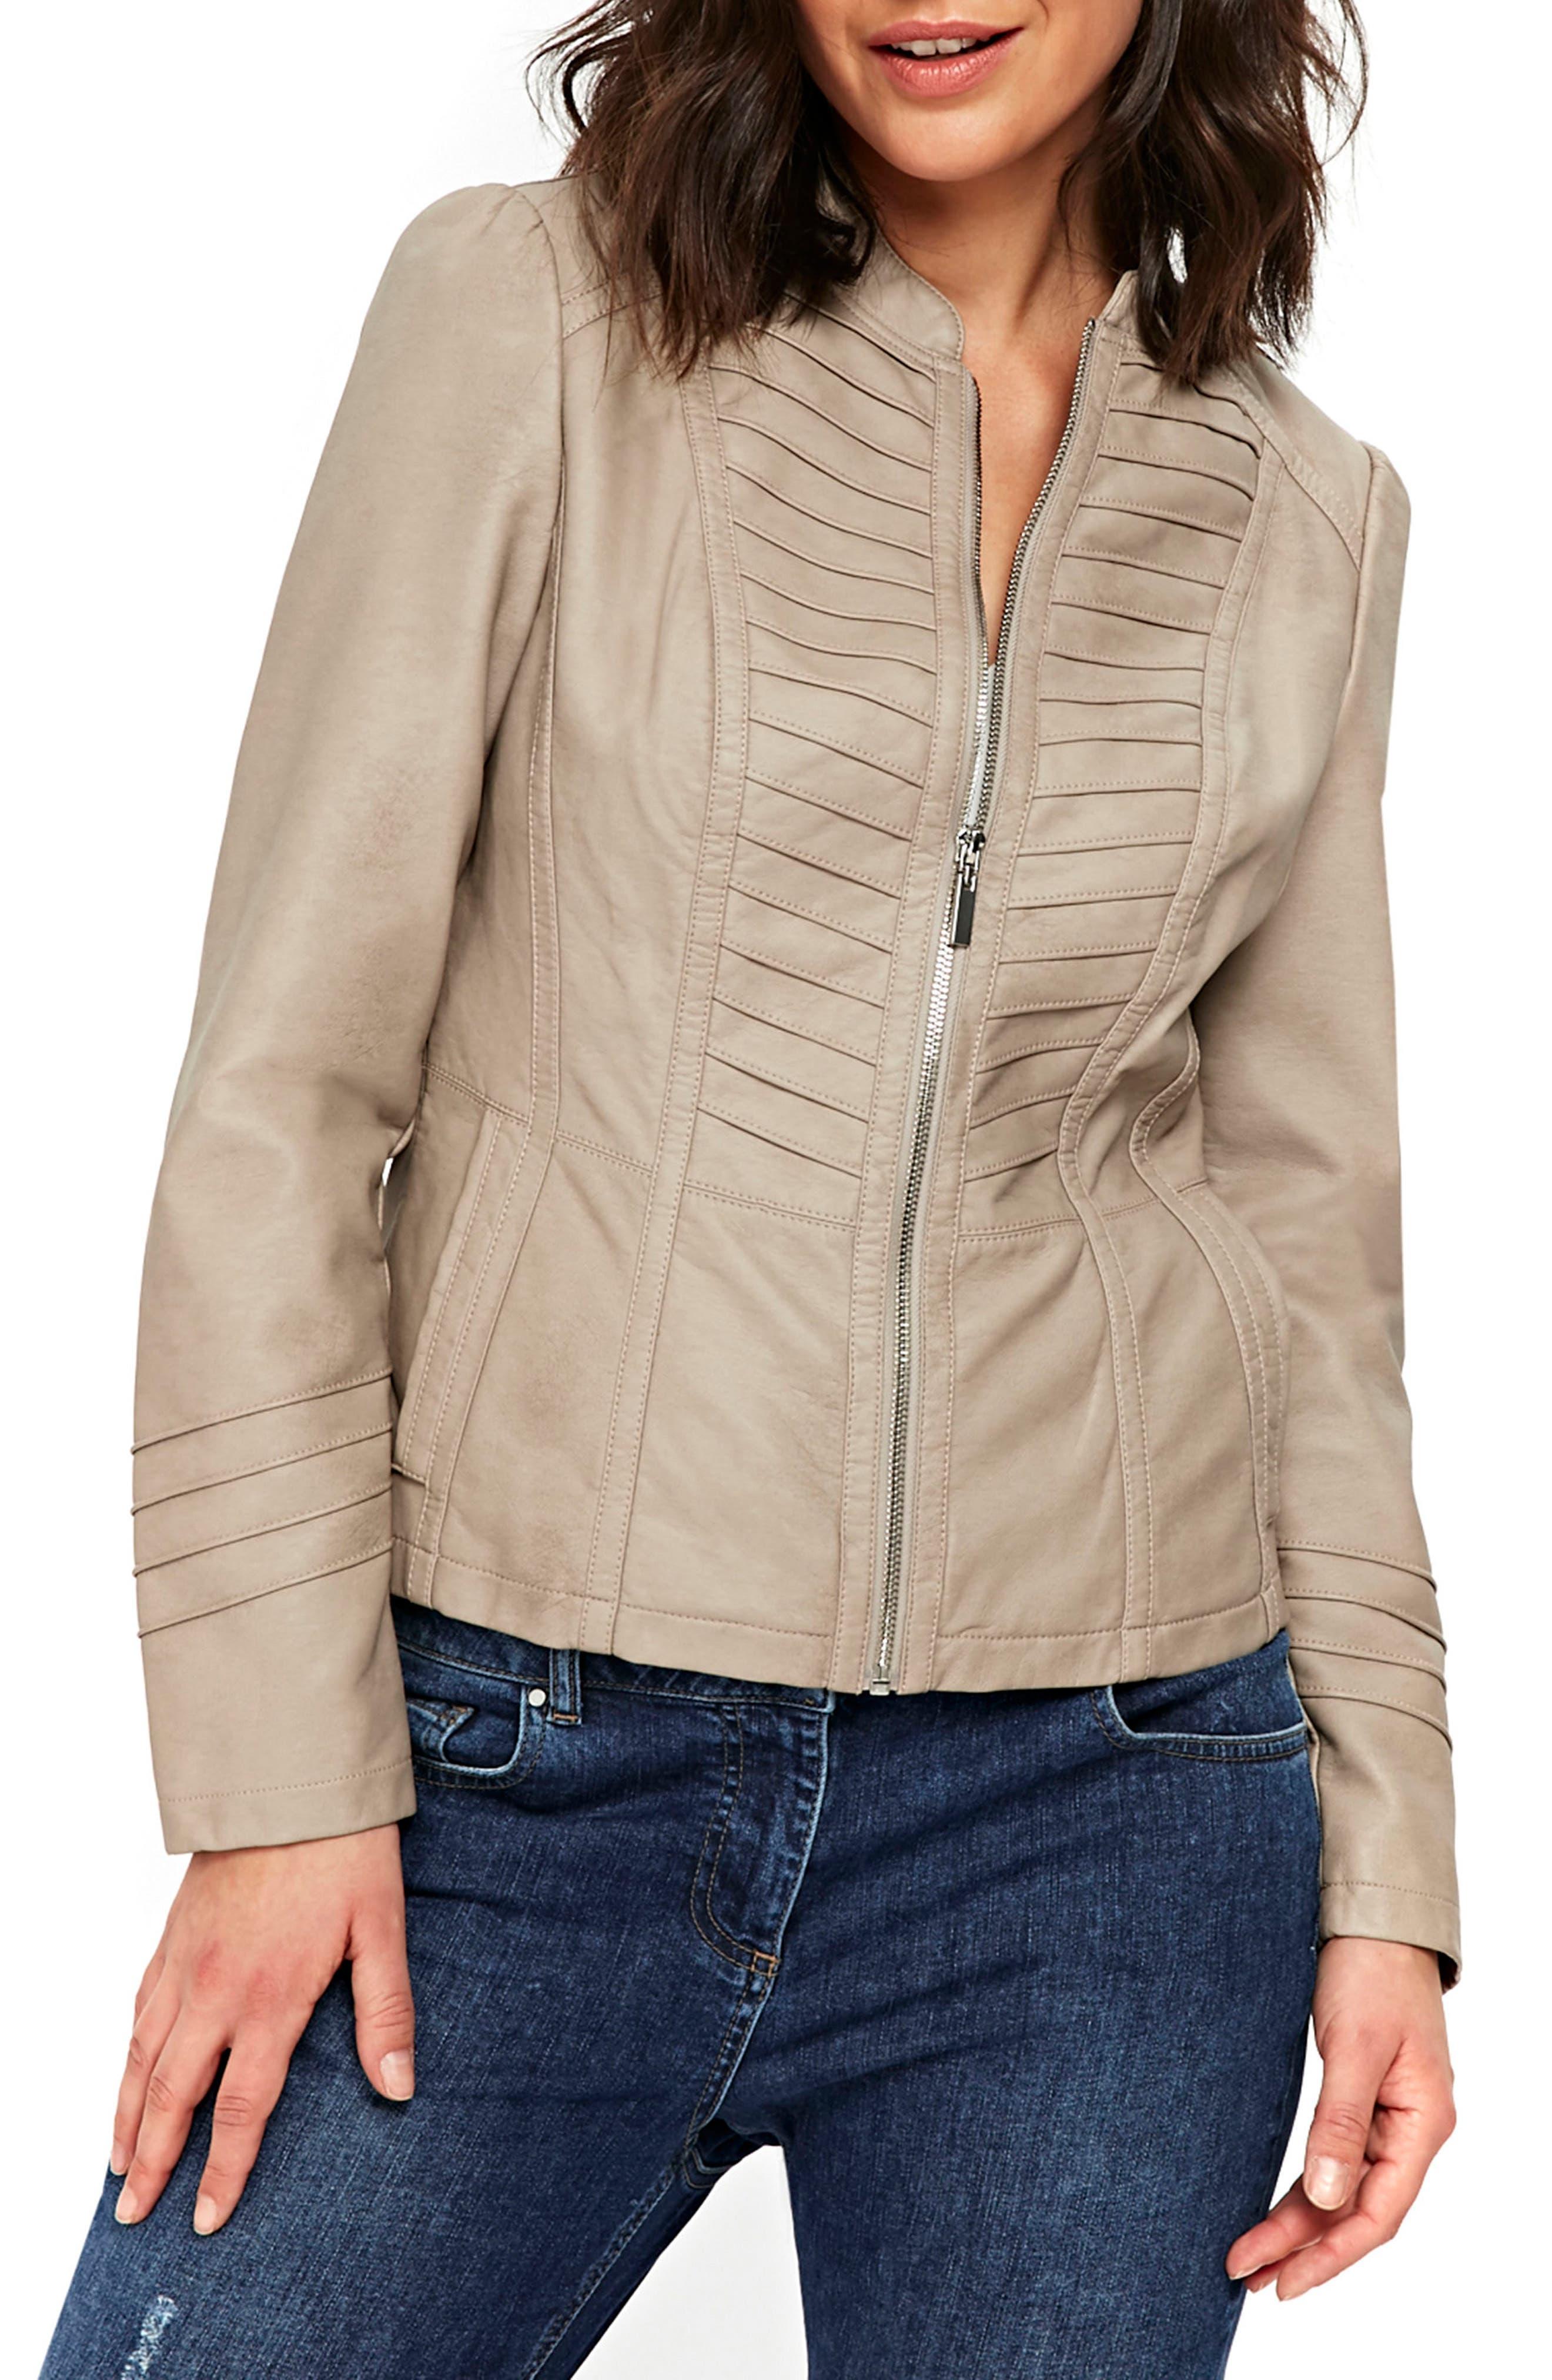 Wallis Khloe Gothic Faux Leather Jacket